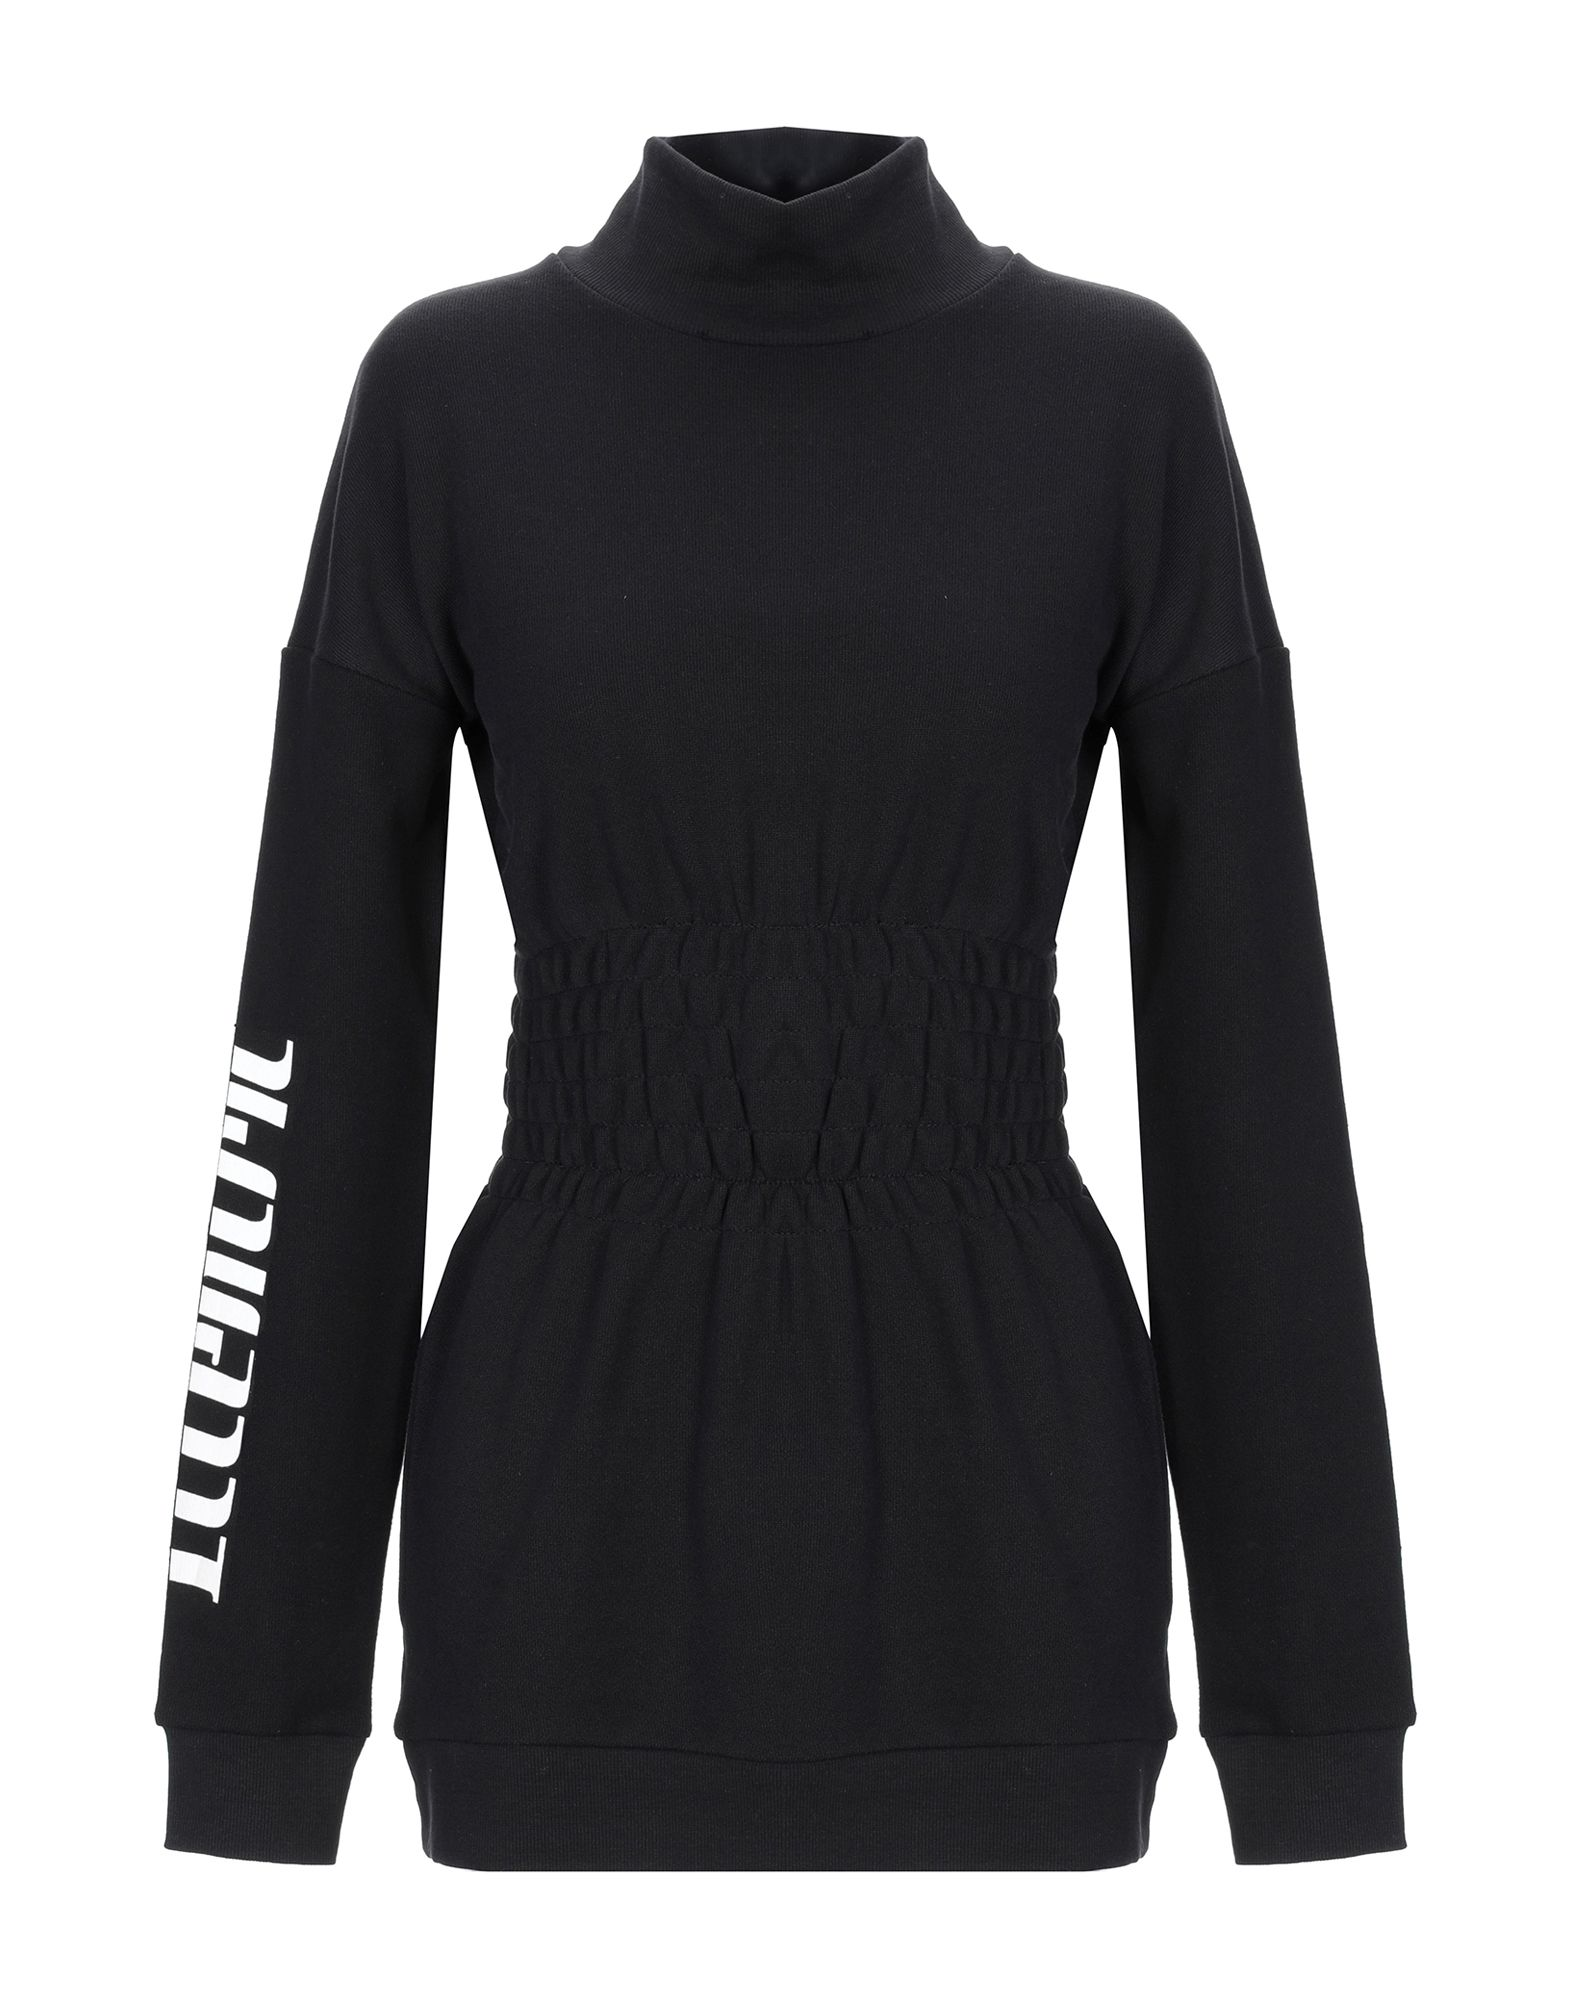 《送料無料》SH by SILVIAN HEACH レディース スウェットシャツ ブラック XS コットン 100%